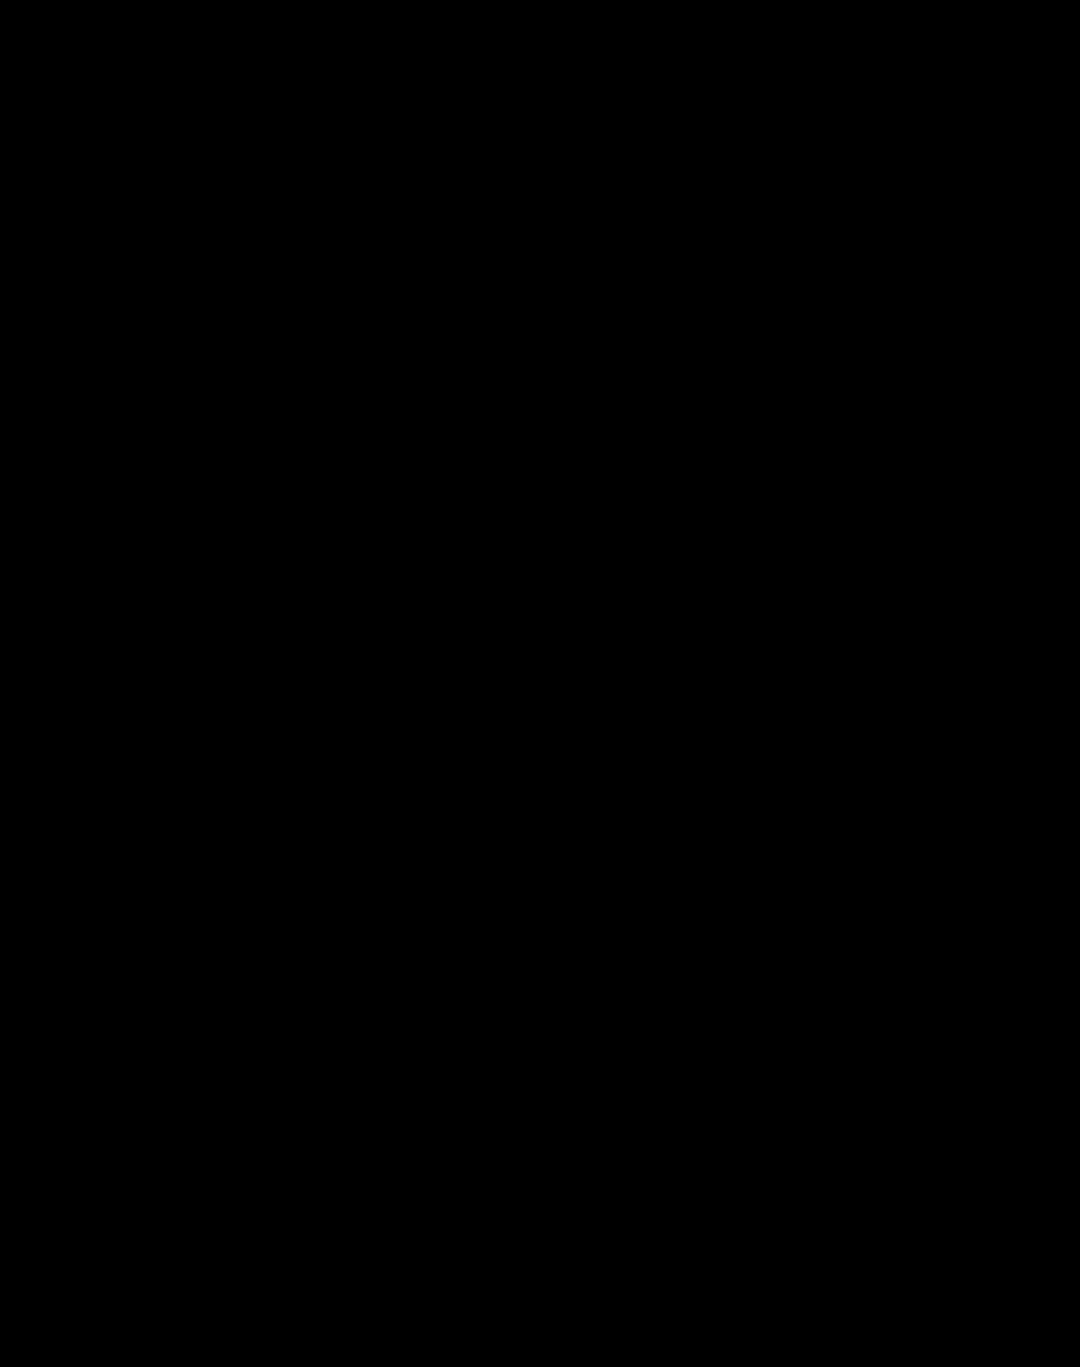 d52fe4fc-d17f-42f2-a08a-5a115de1d936